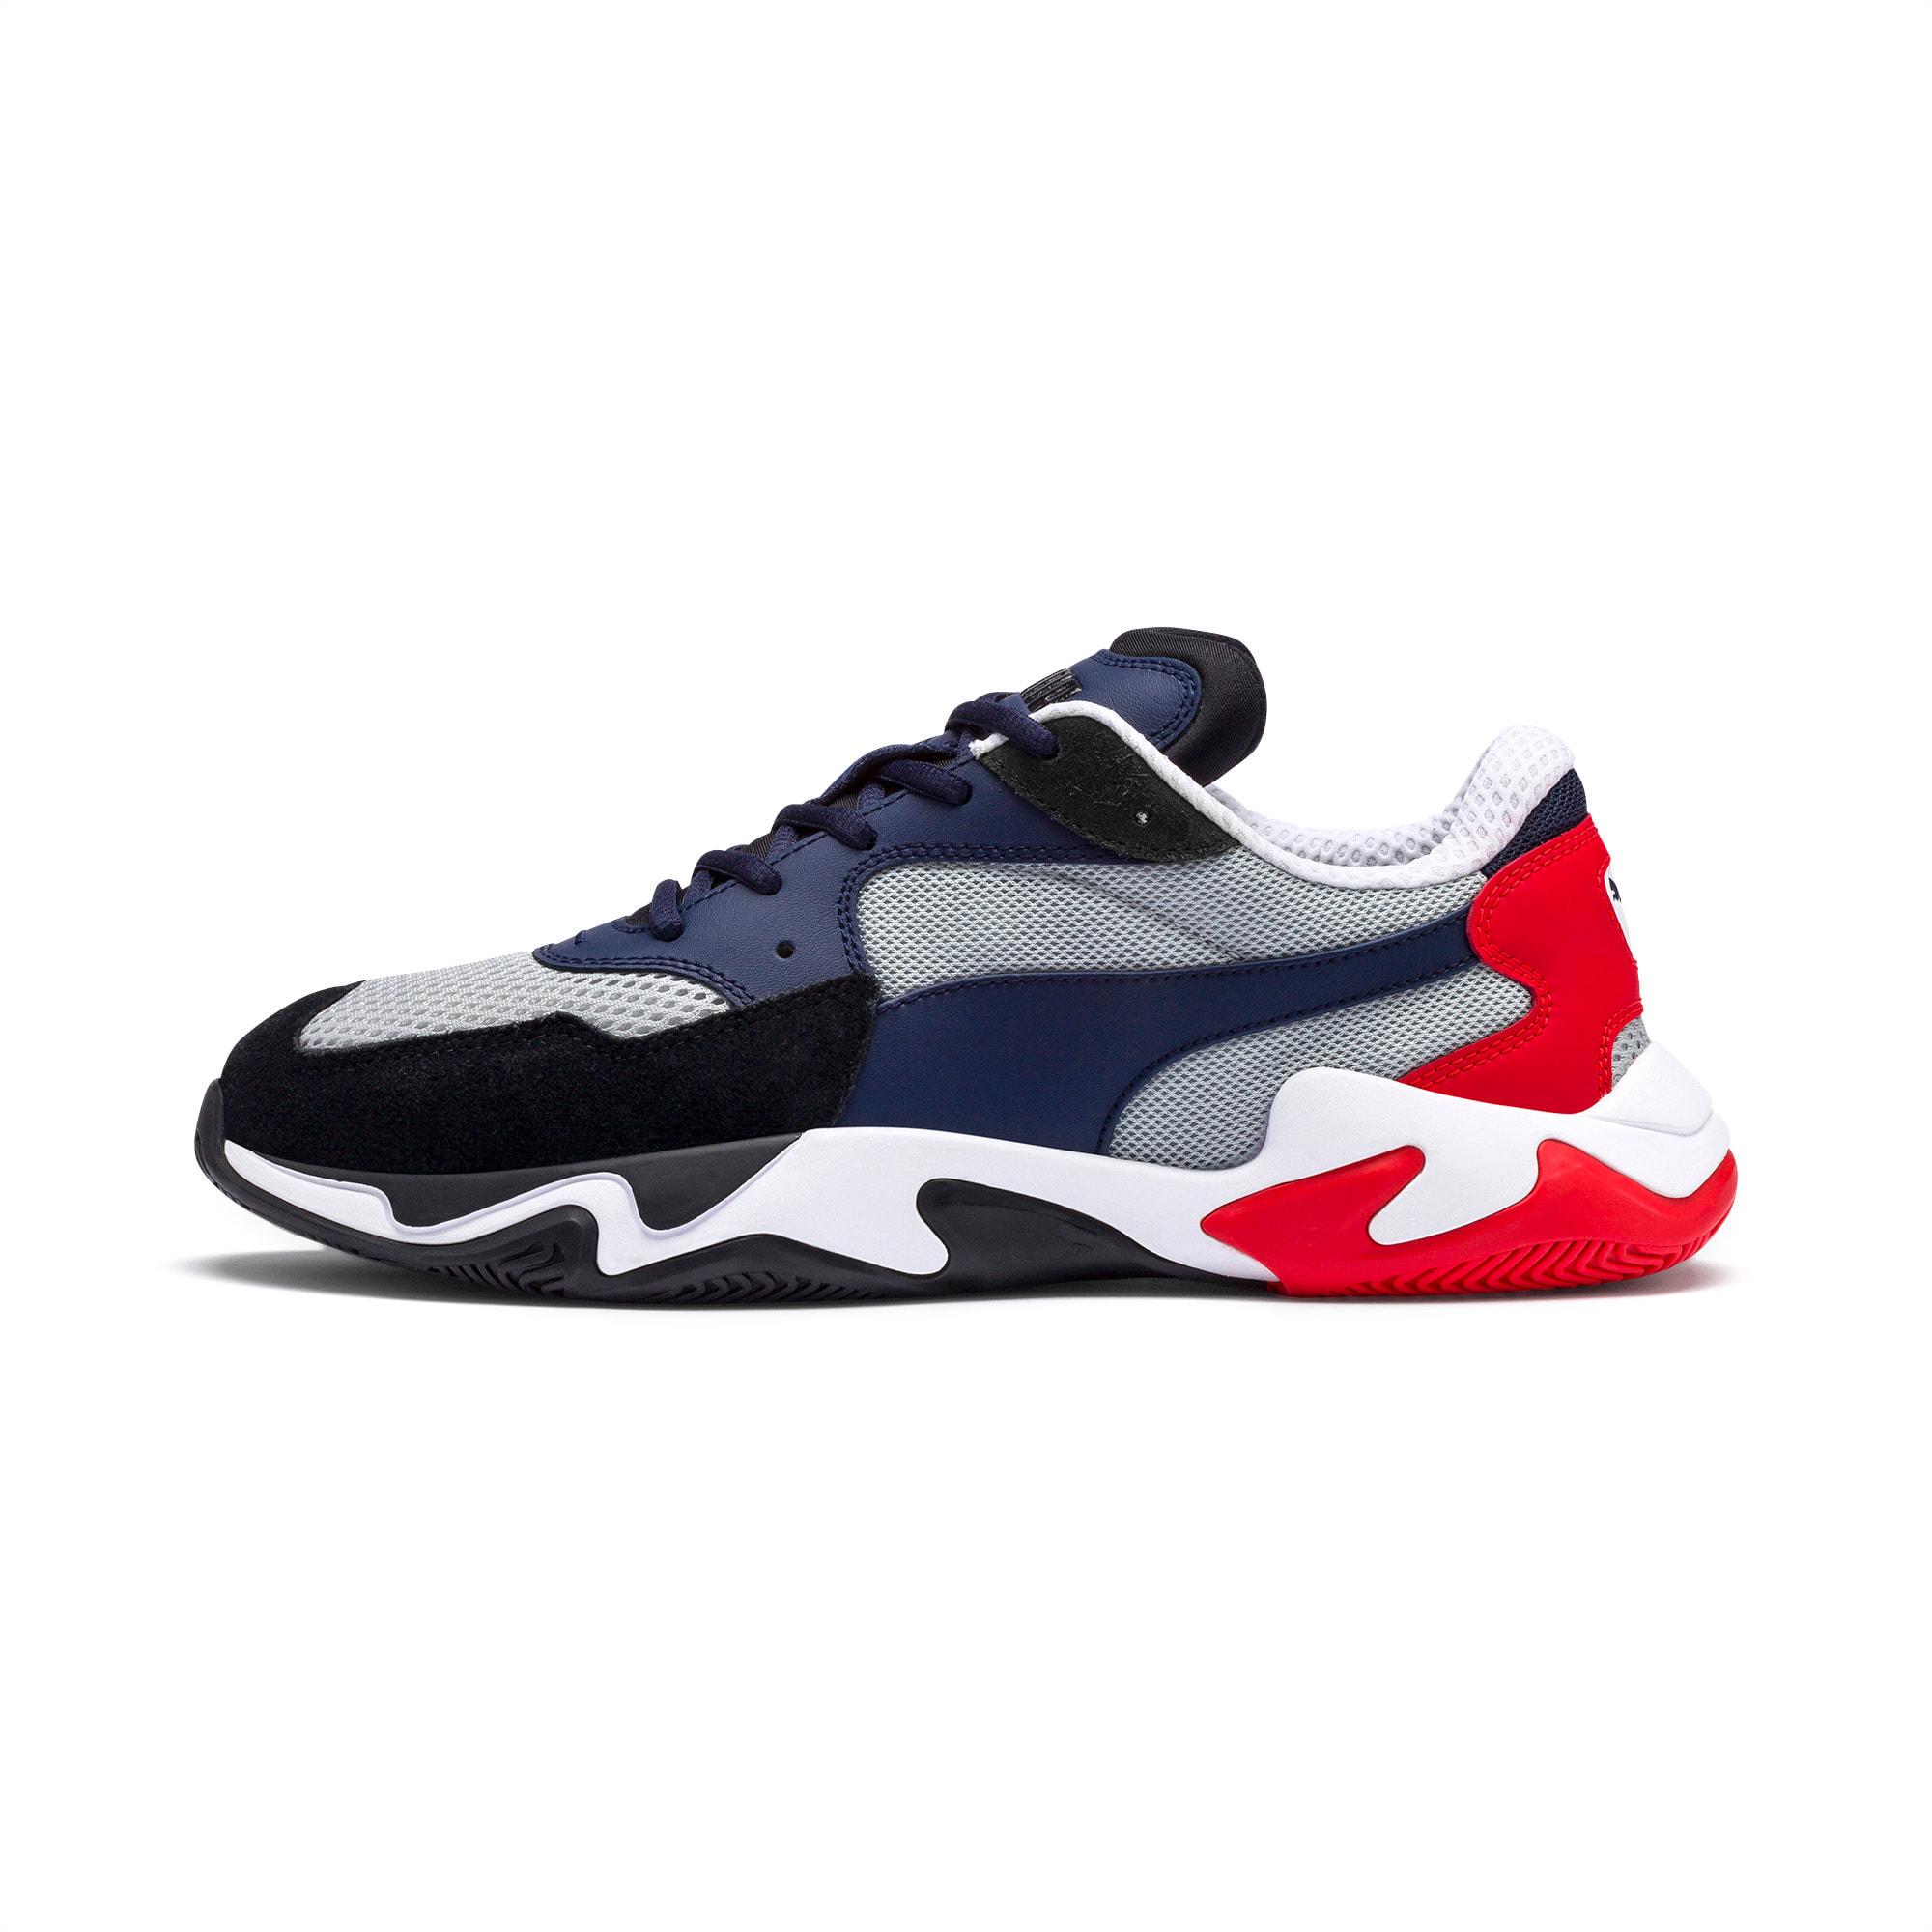 PUMA STORM ORIGIN scarpe da uomo